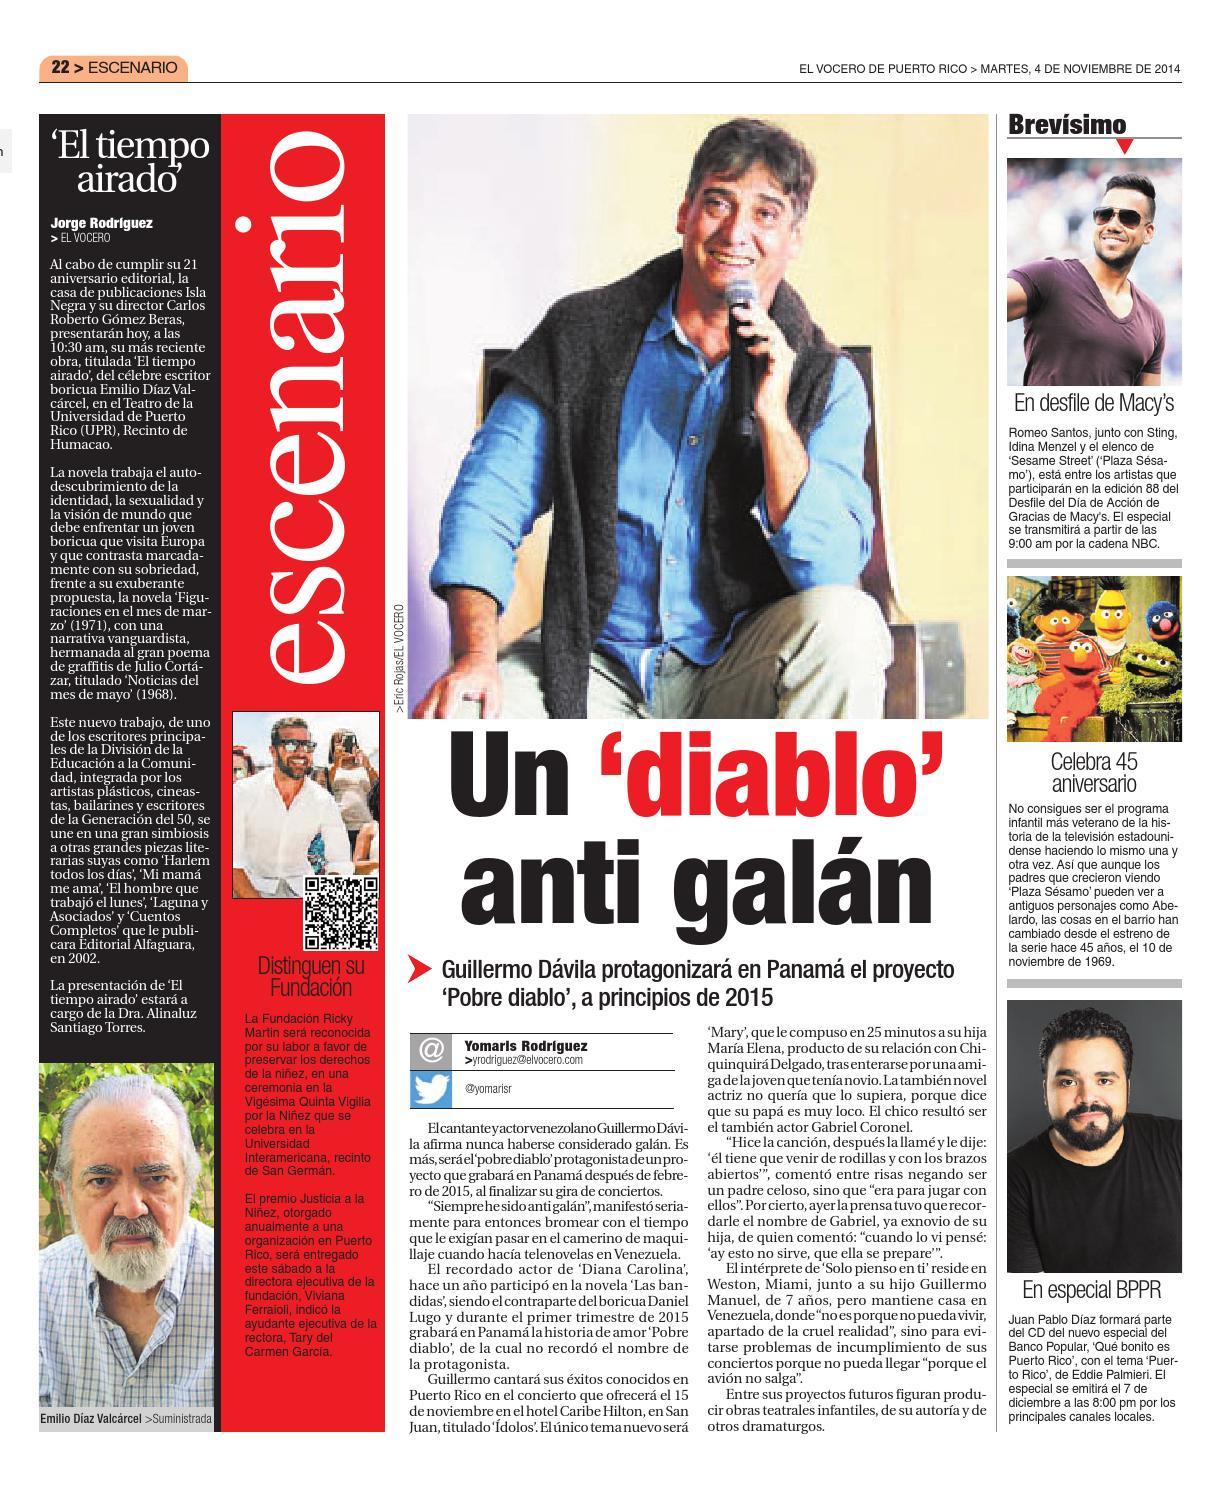 Edición 4 de Noviembre 2014 by El Vocero de Puerto Rico - issuu